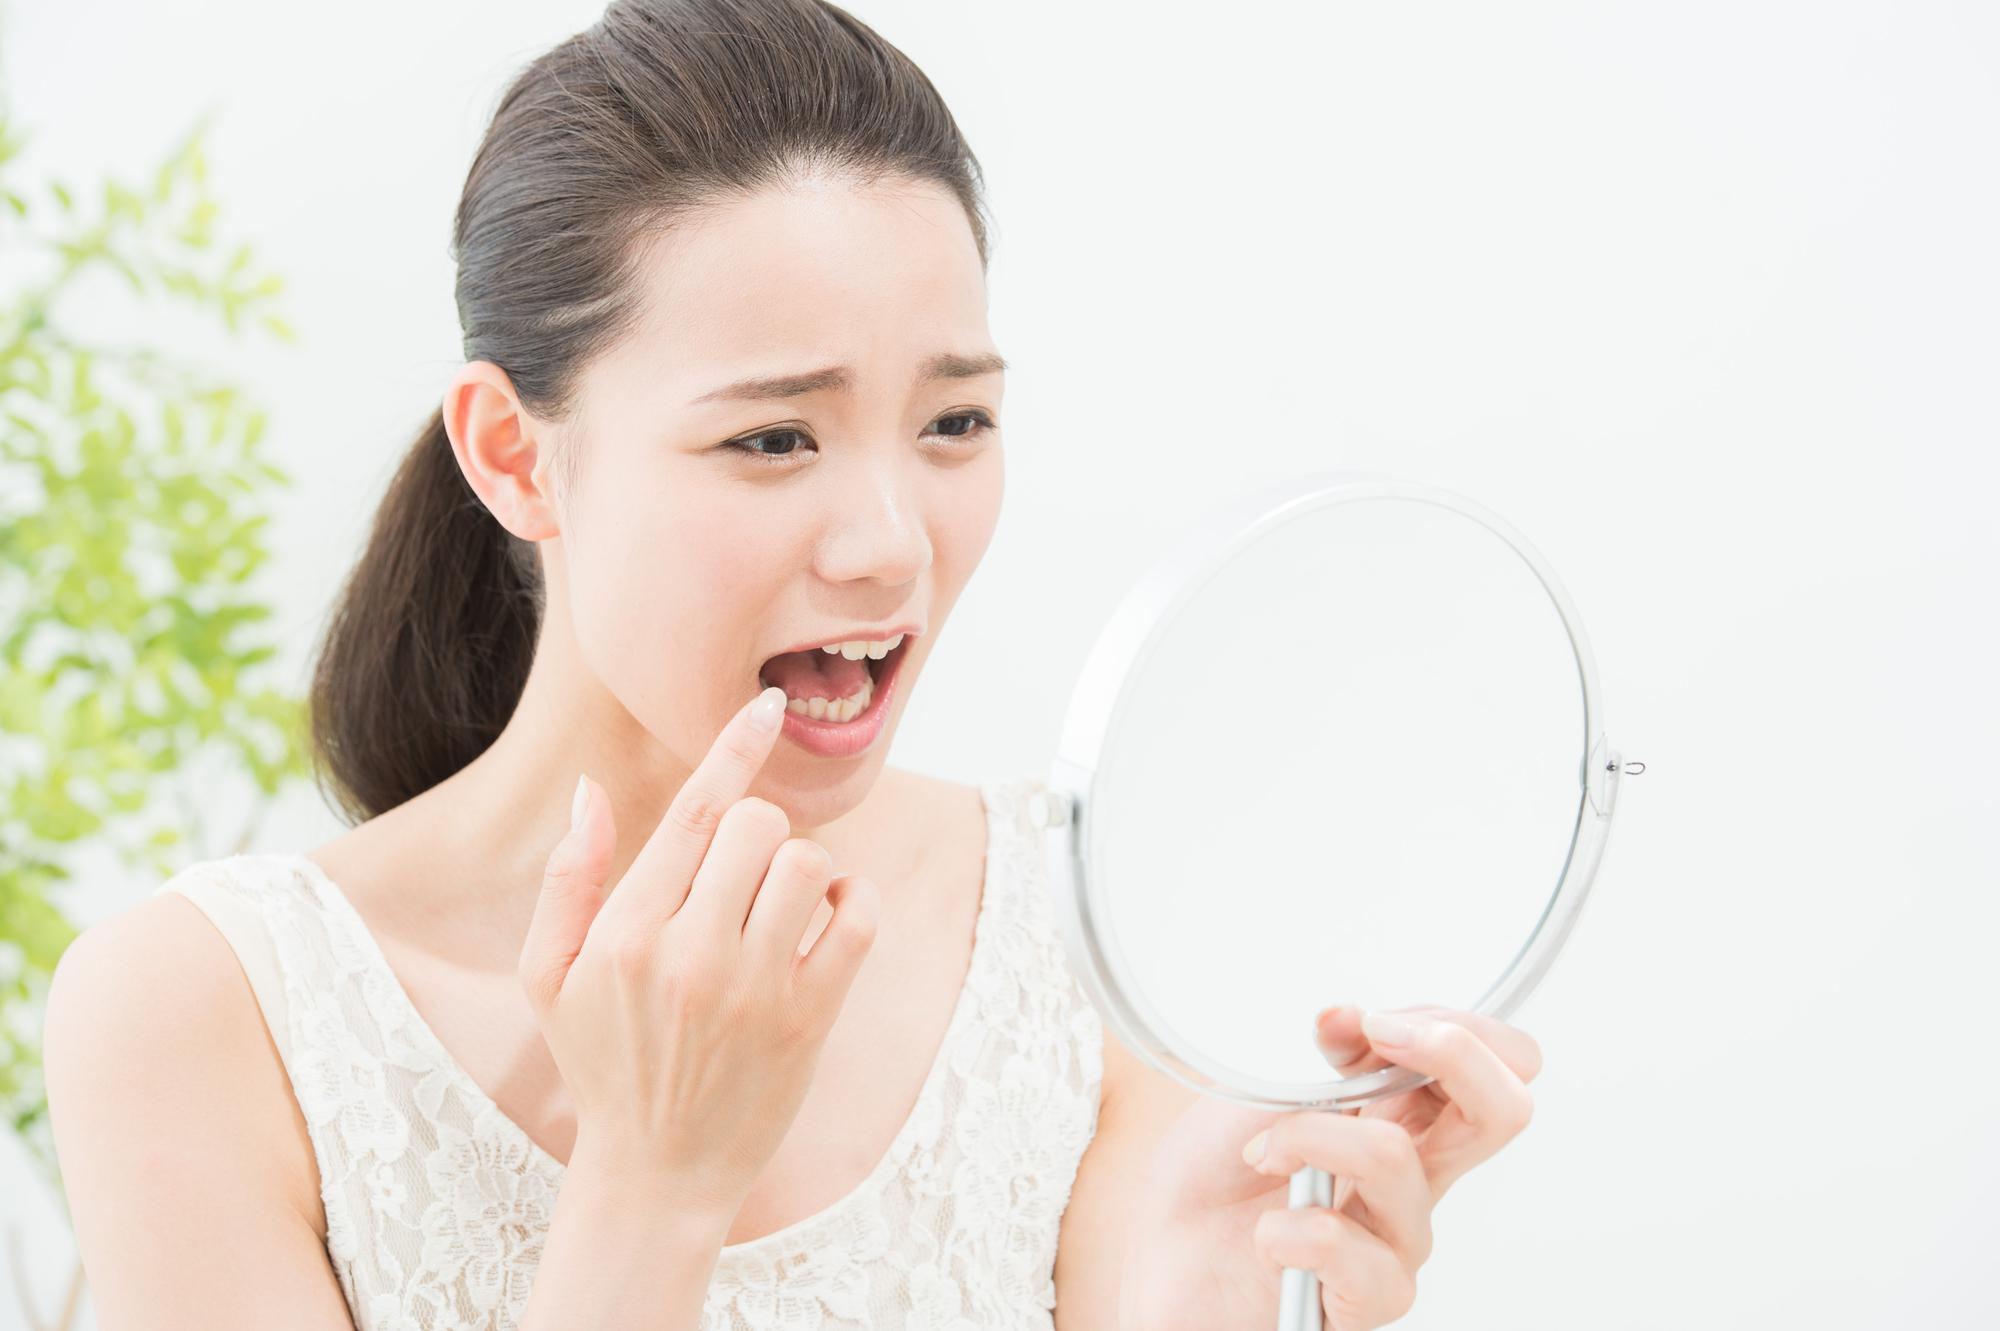 過去に治療した虫歯が痛む女性